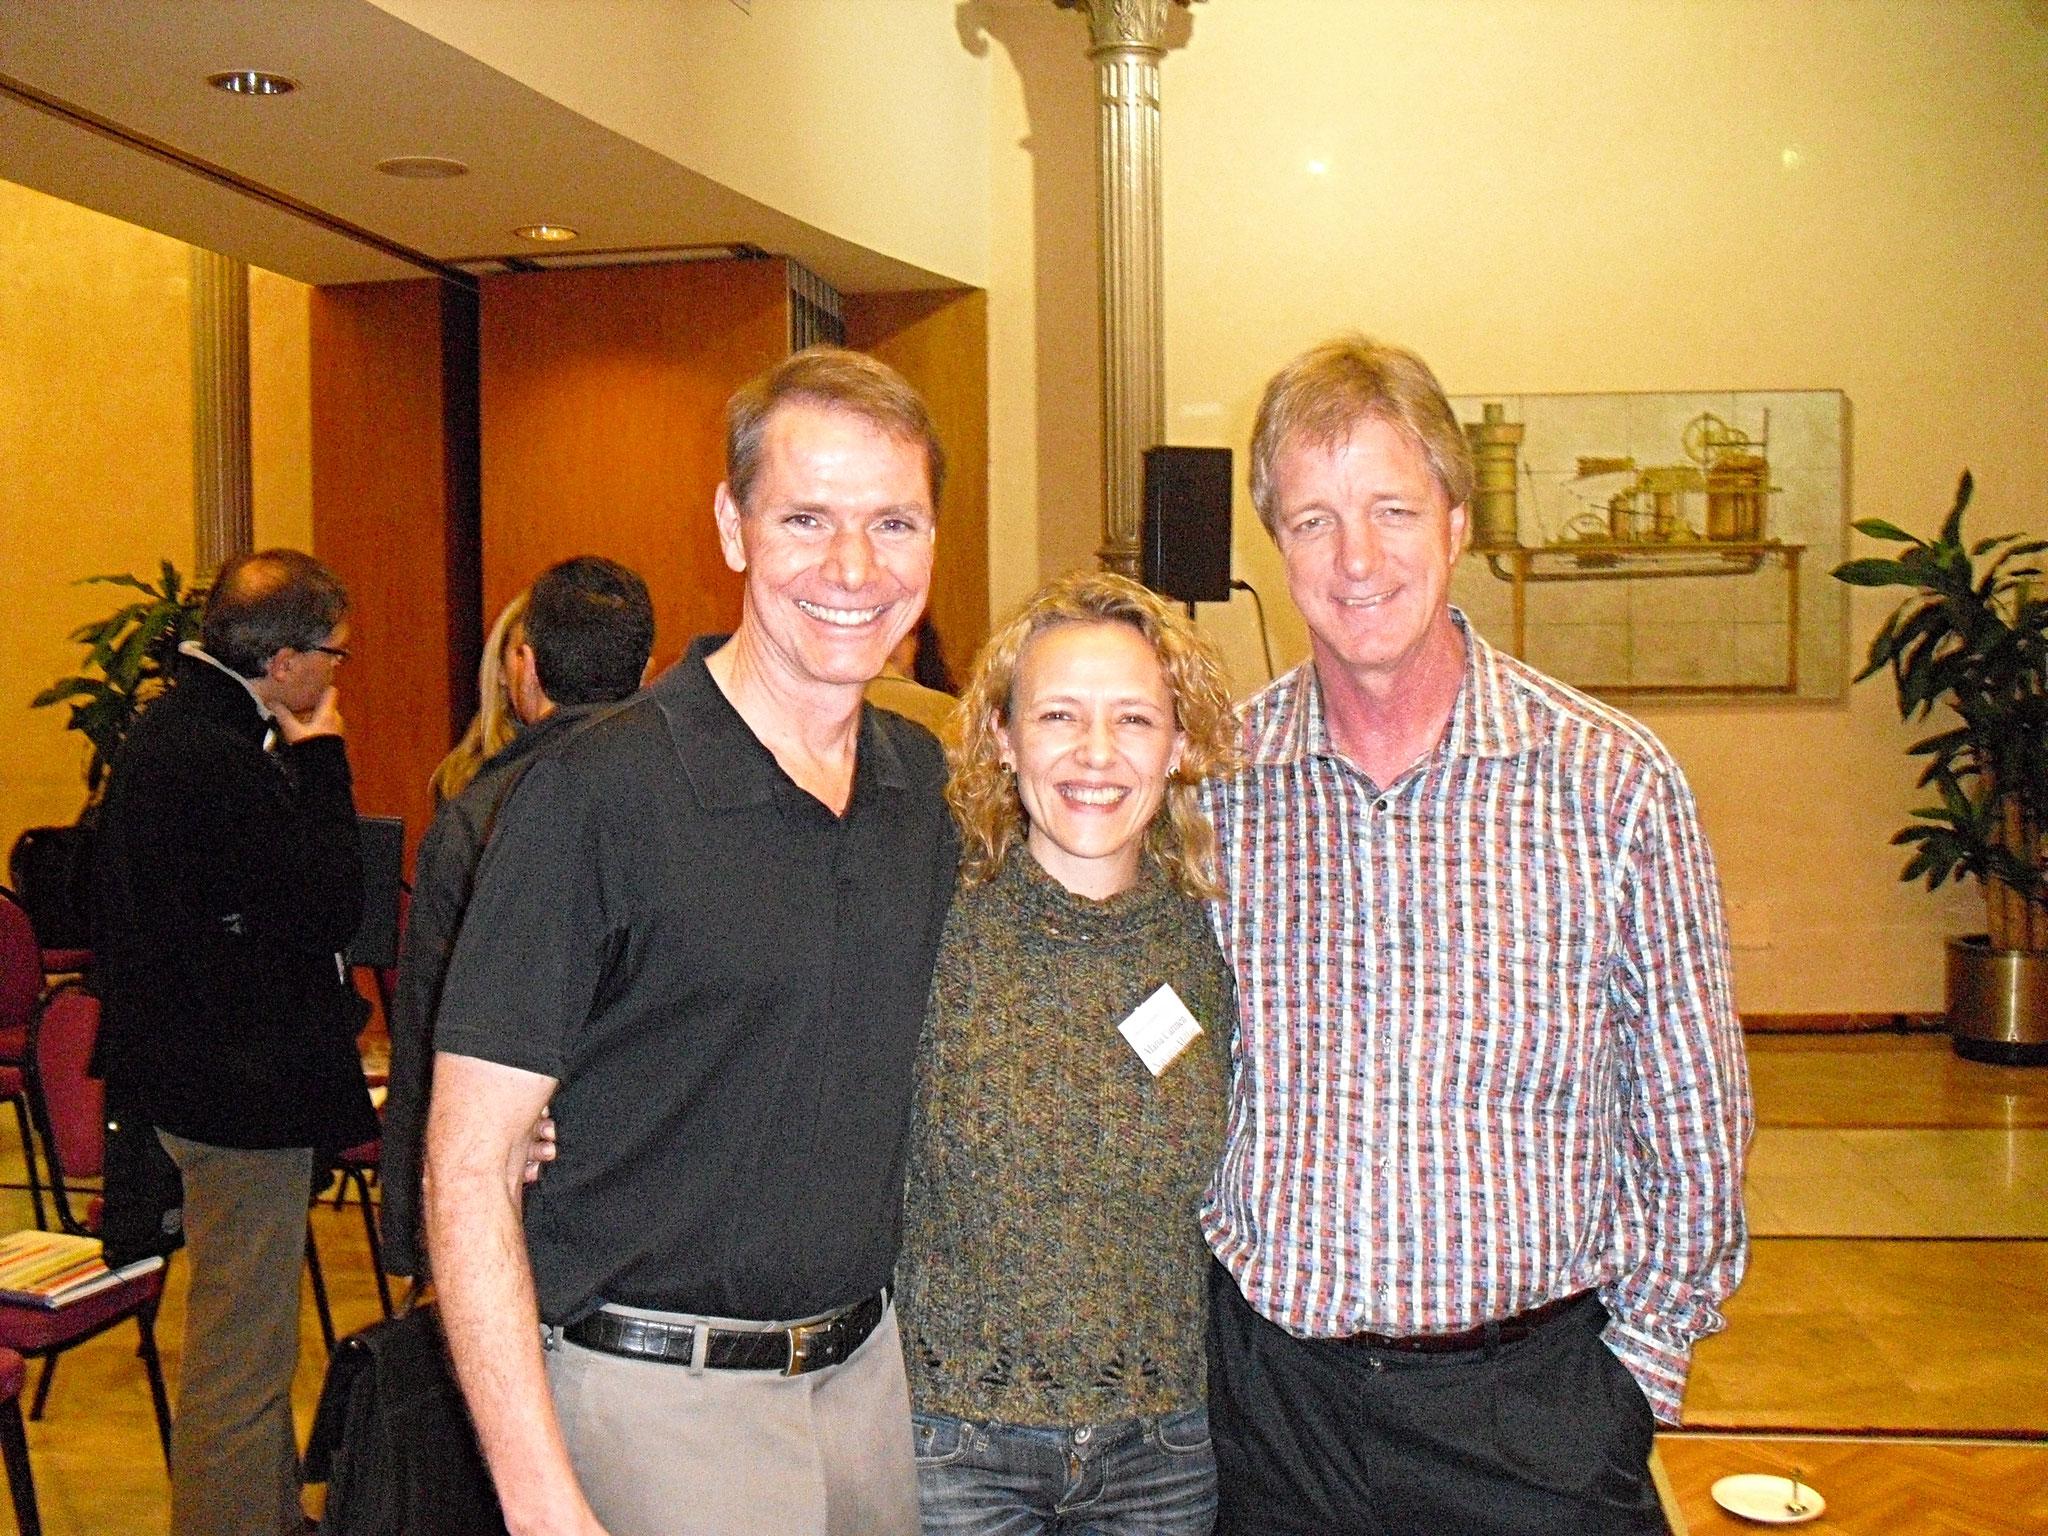 Con Robert Dilts y Stephen Gilligan mirando la foto de izda a dcha.